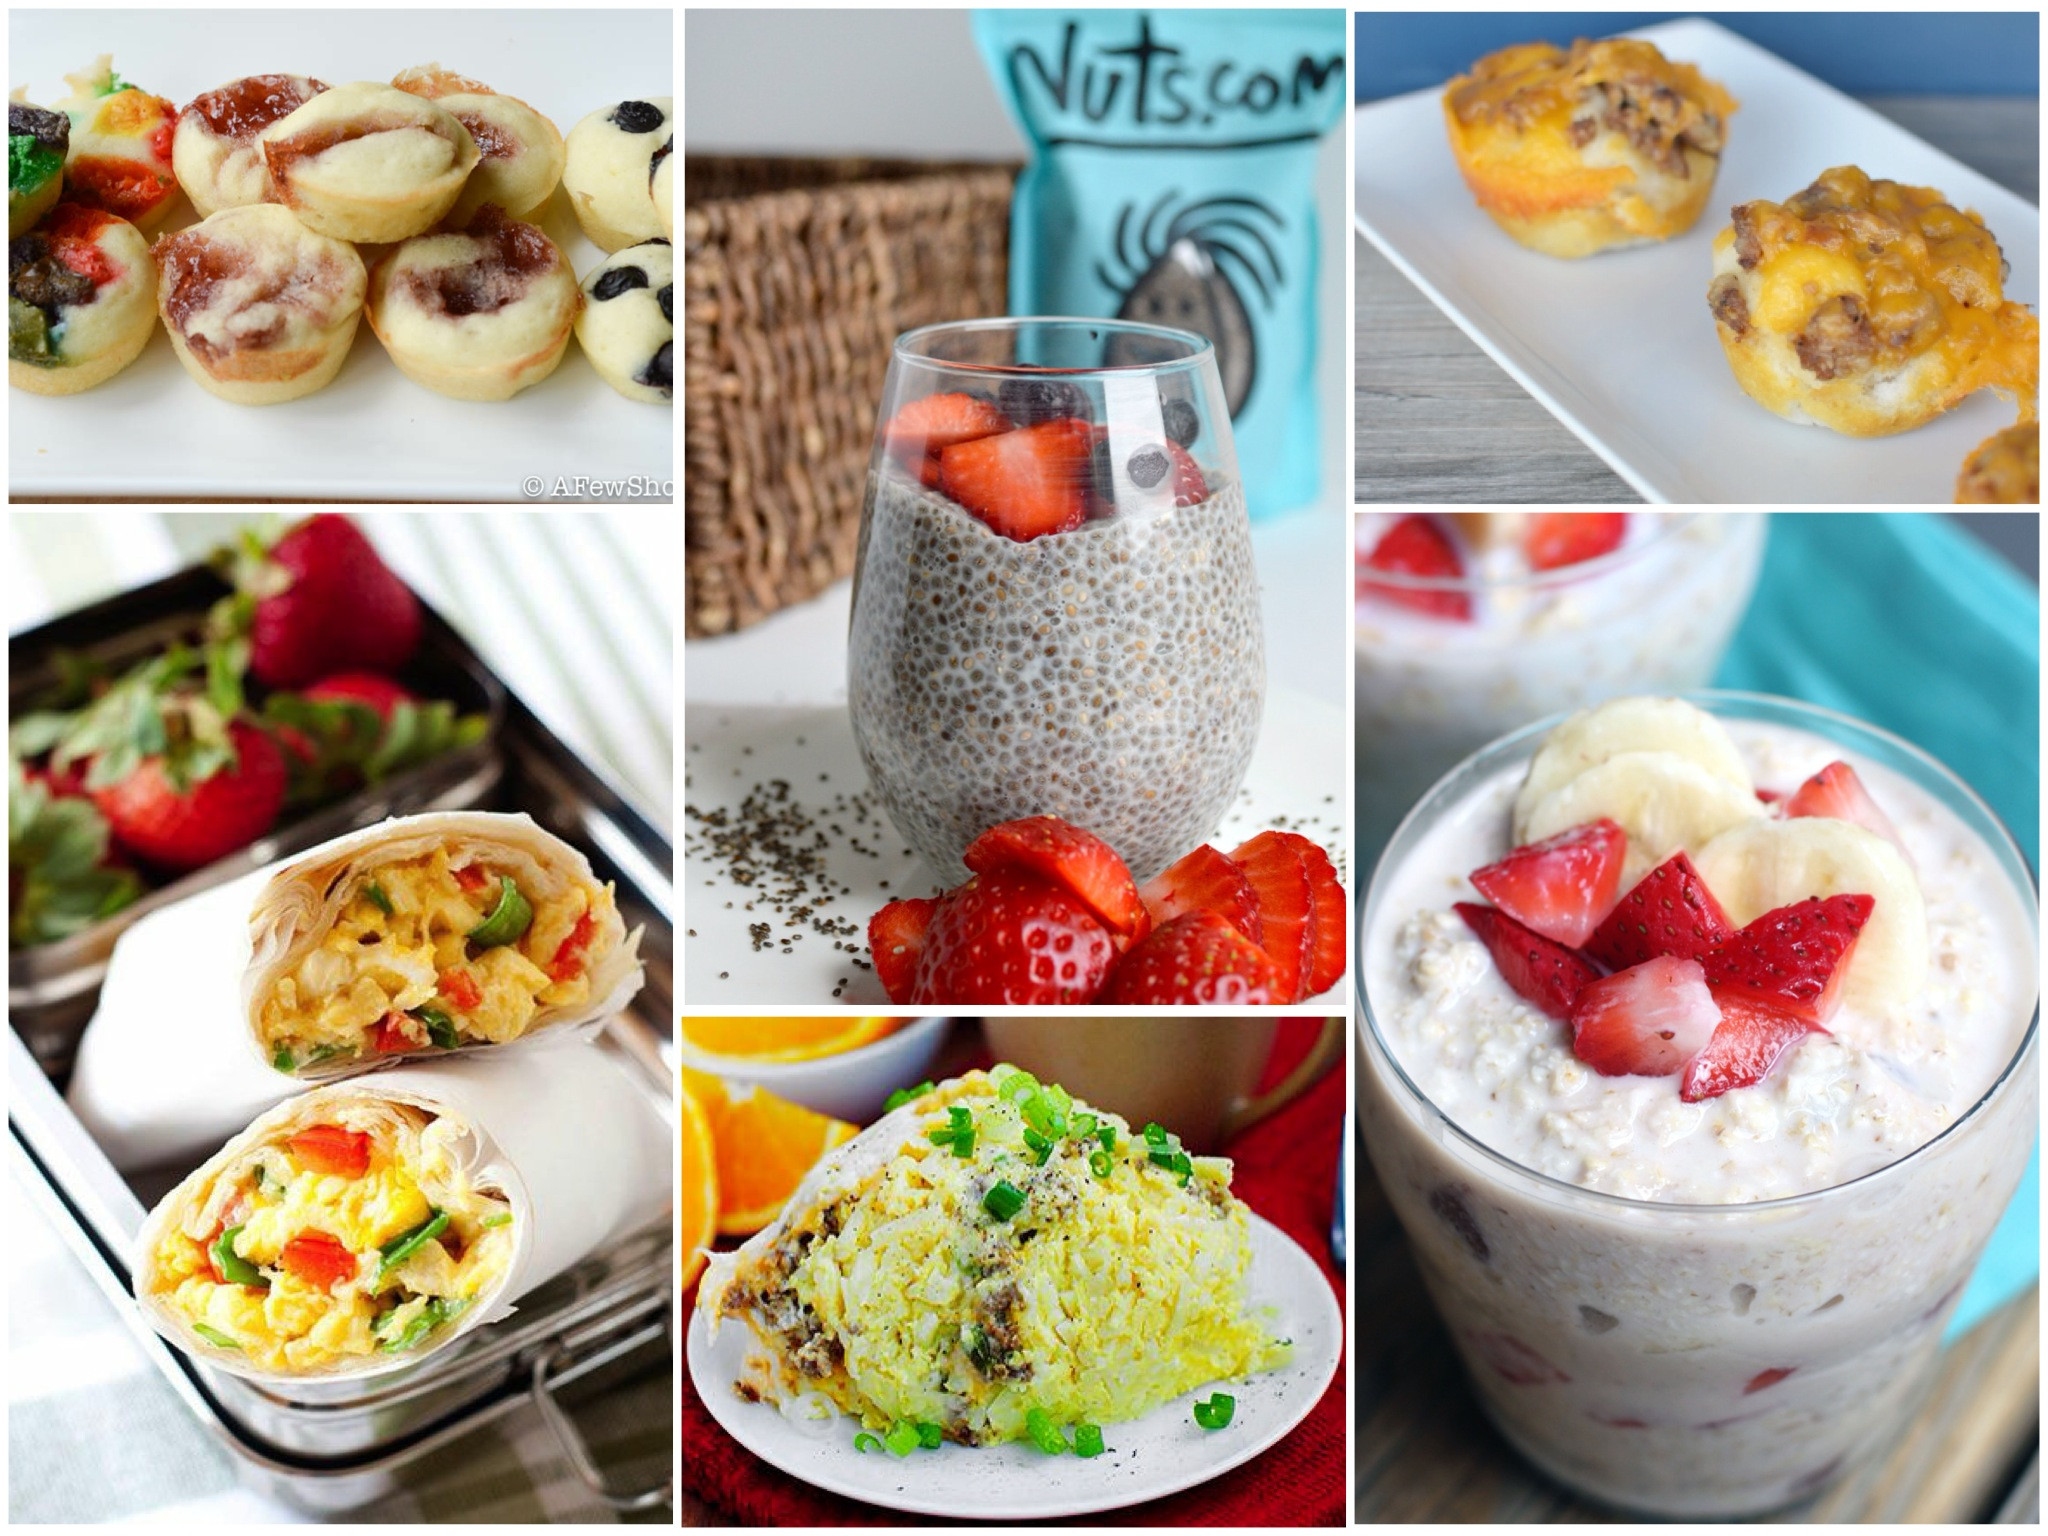 Healthy Breakfast Before School  12 The Go Breakfasts for Busy School Mornings